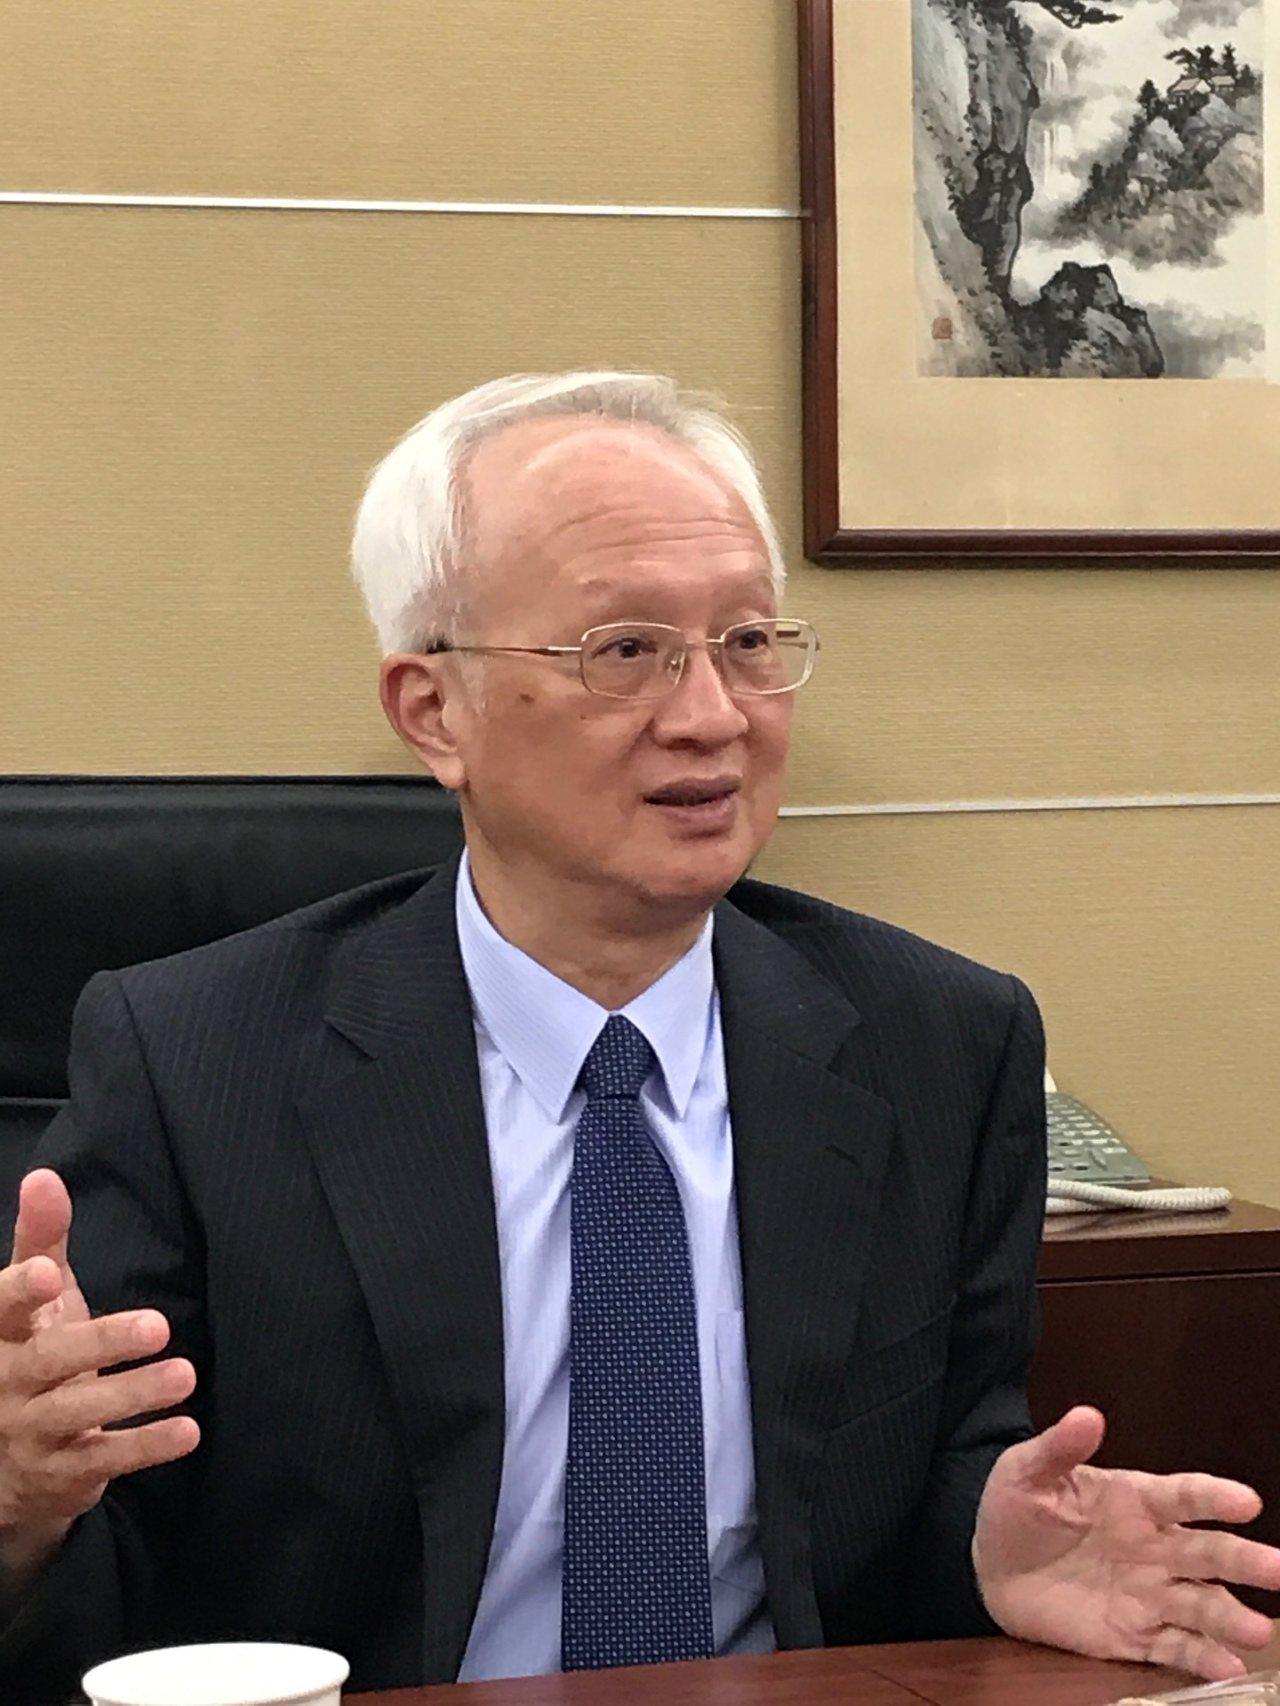 董瑞斌認為,慶富案對銀行獲利的影響,不該反映在員工年將獎金上,對七千多名認真打拚...